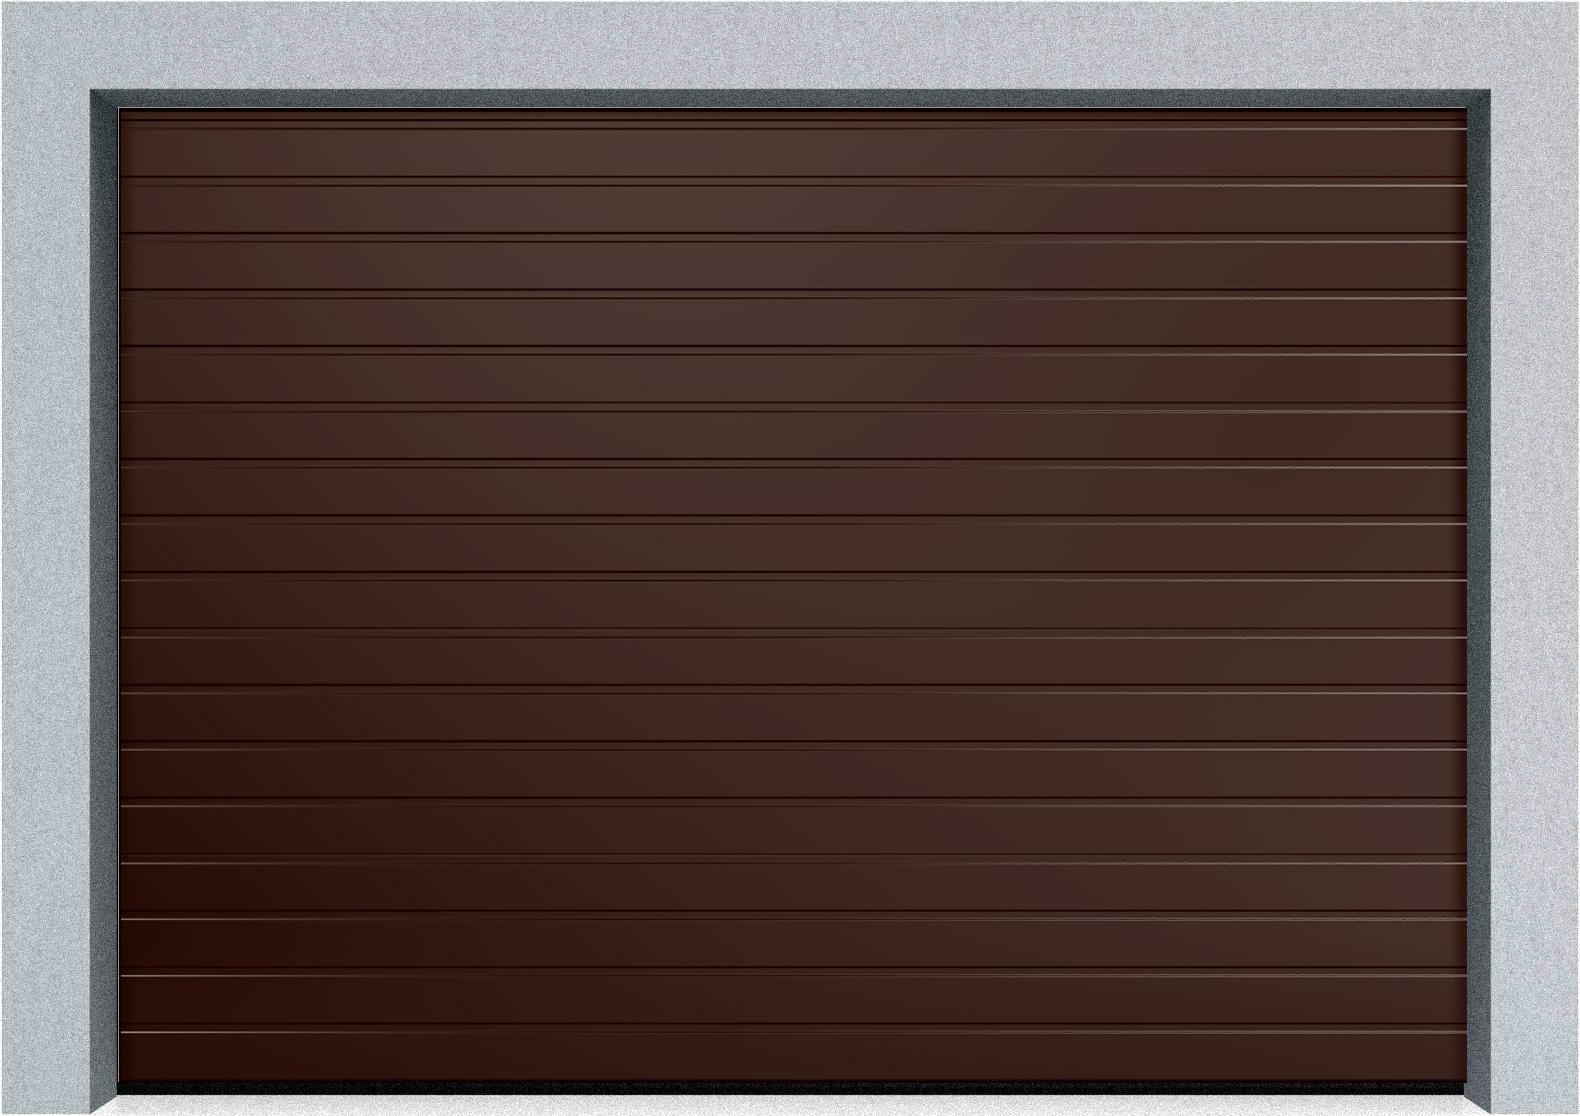 Секционные промышленные ворота Alutech ProTrend 2375х2375 S-гофр, Микроволна стандартные цвета, фото 3